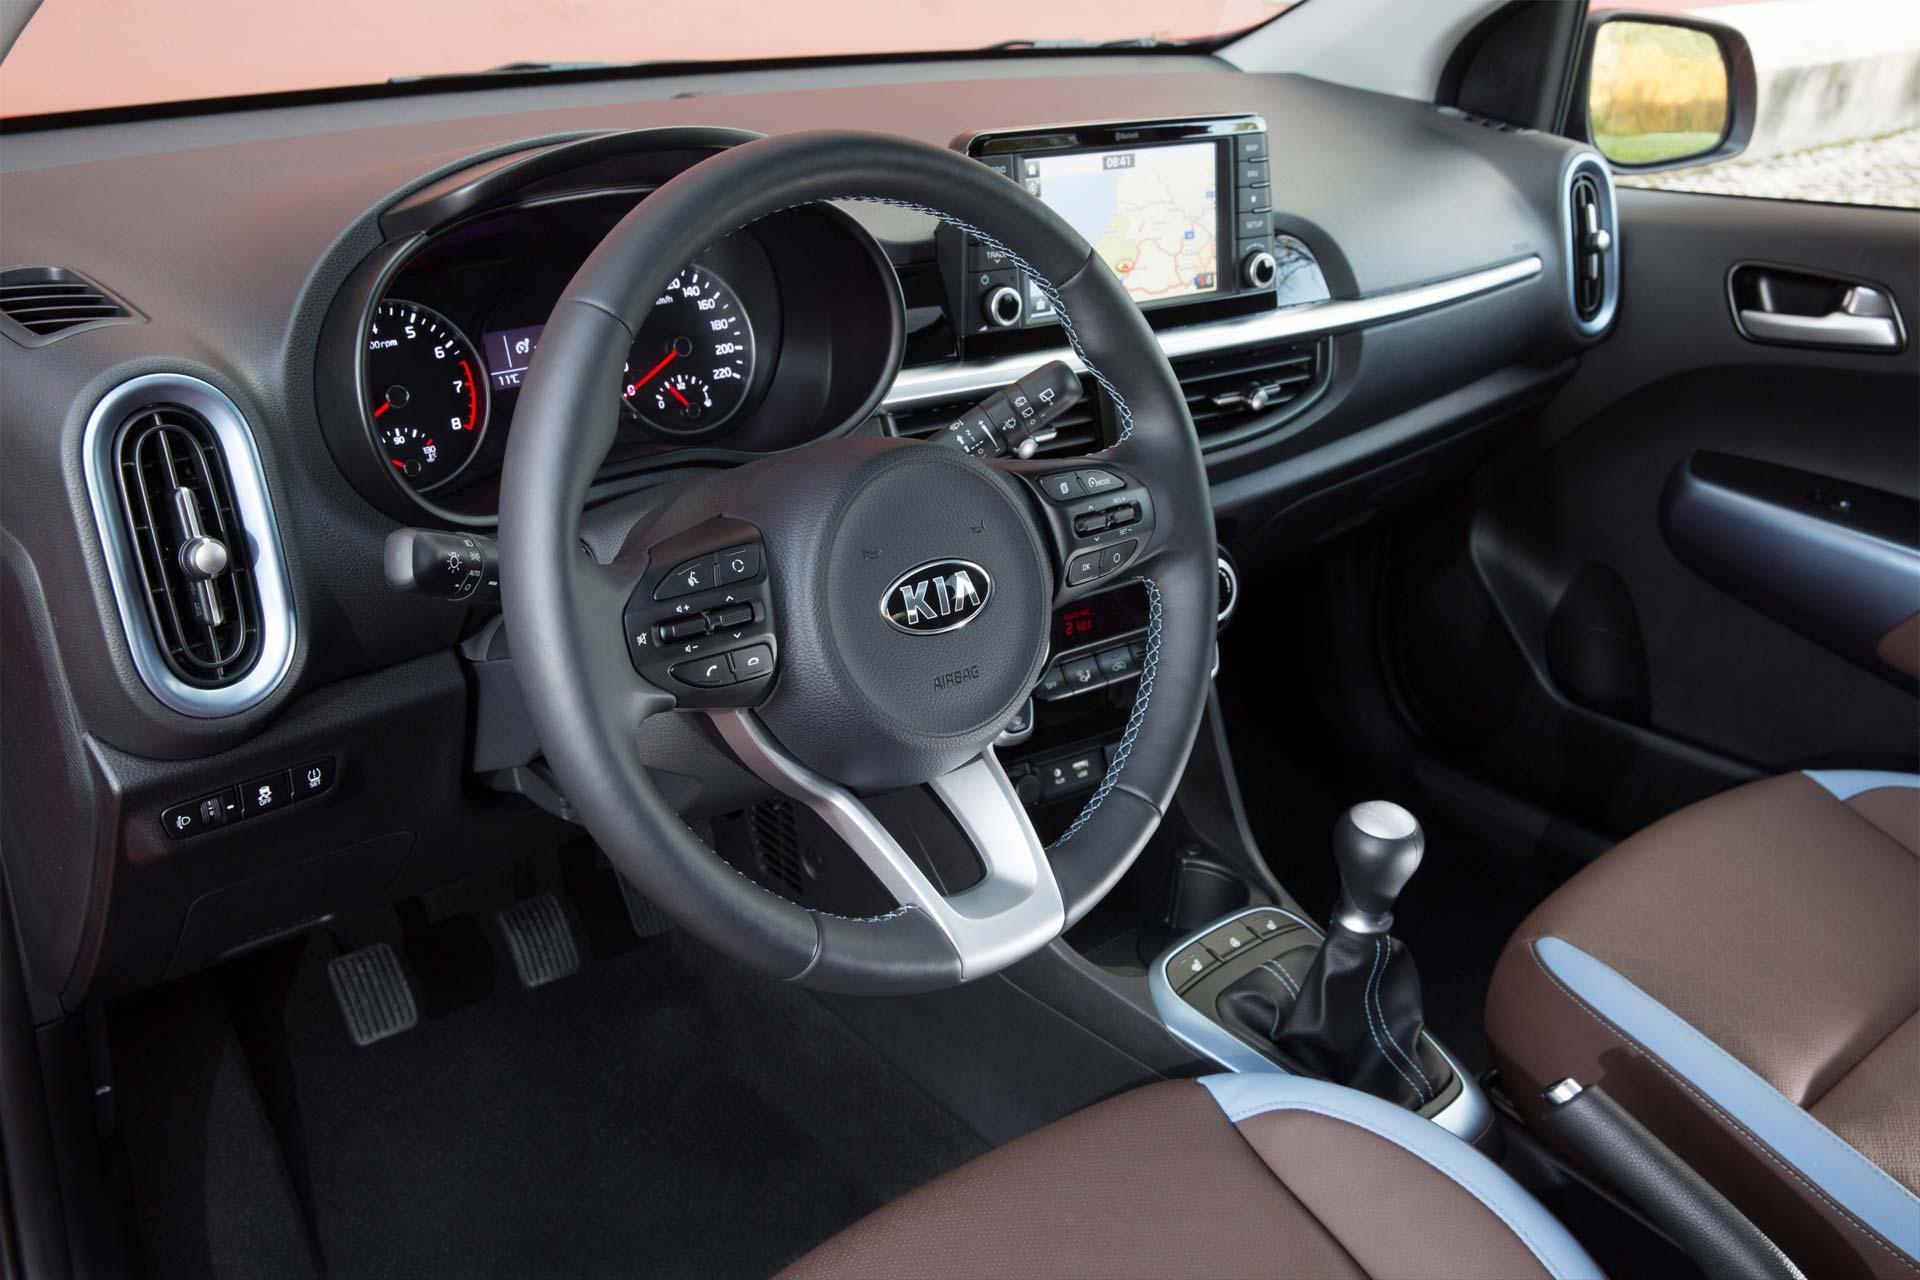 Kia-Picanto-interior